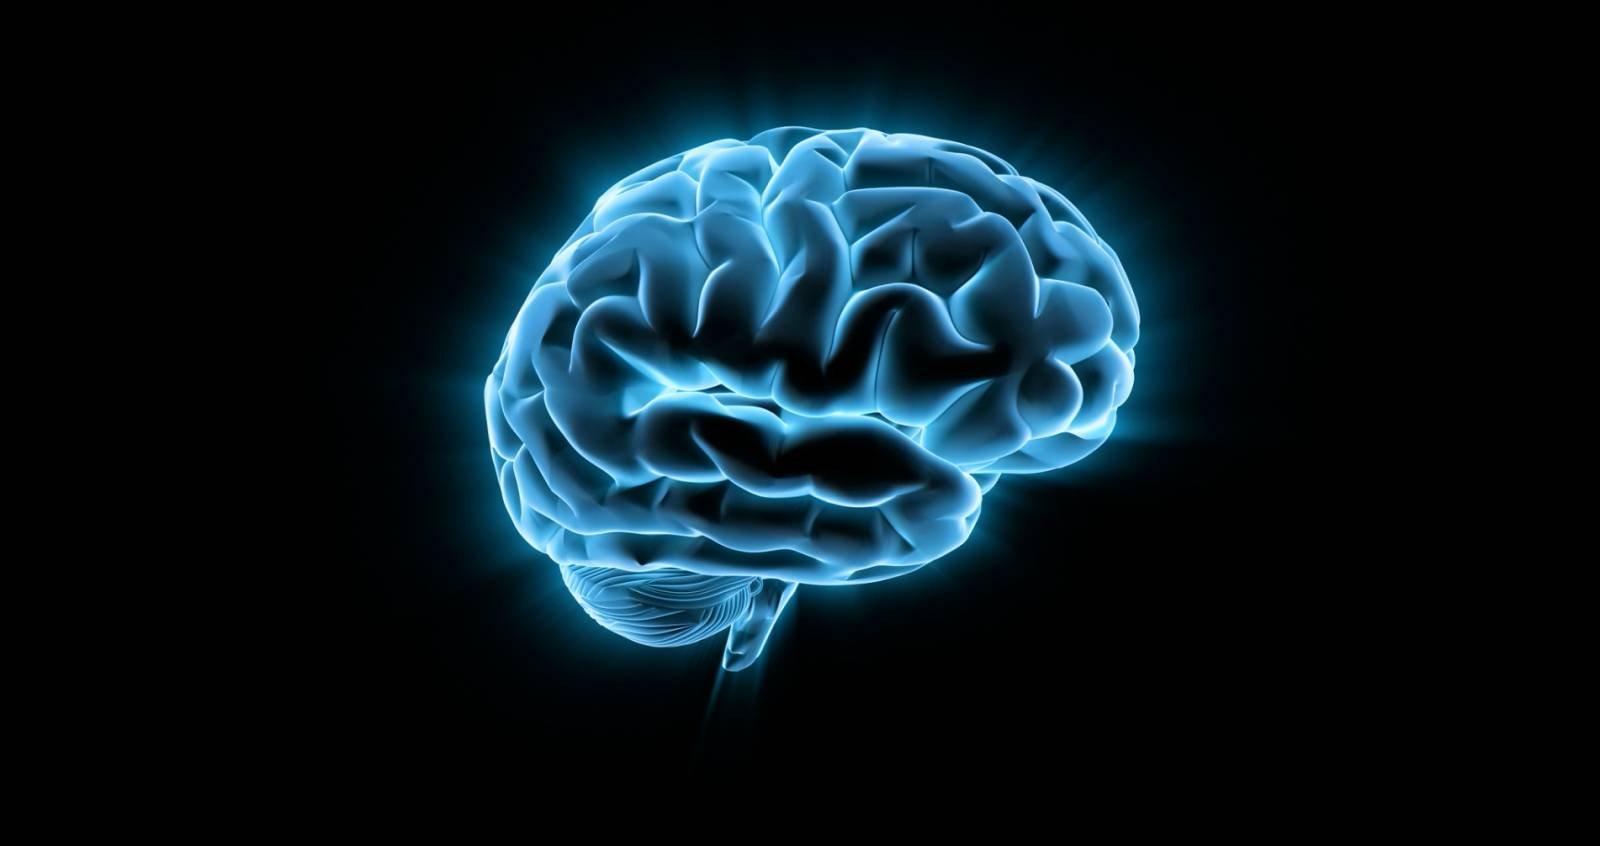 [recovery mode] Эликсир бессмертия, возможно, находится в нашем собственном мозге